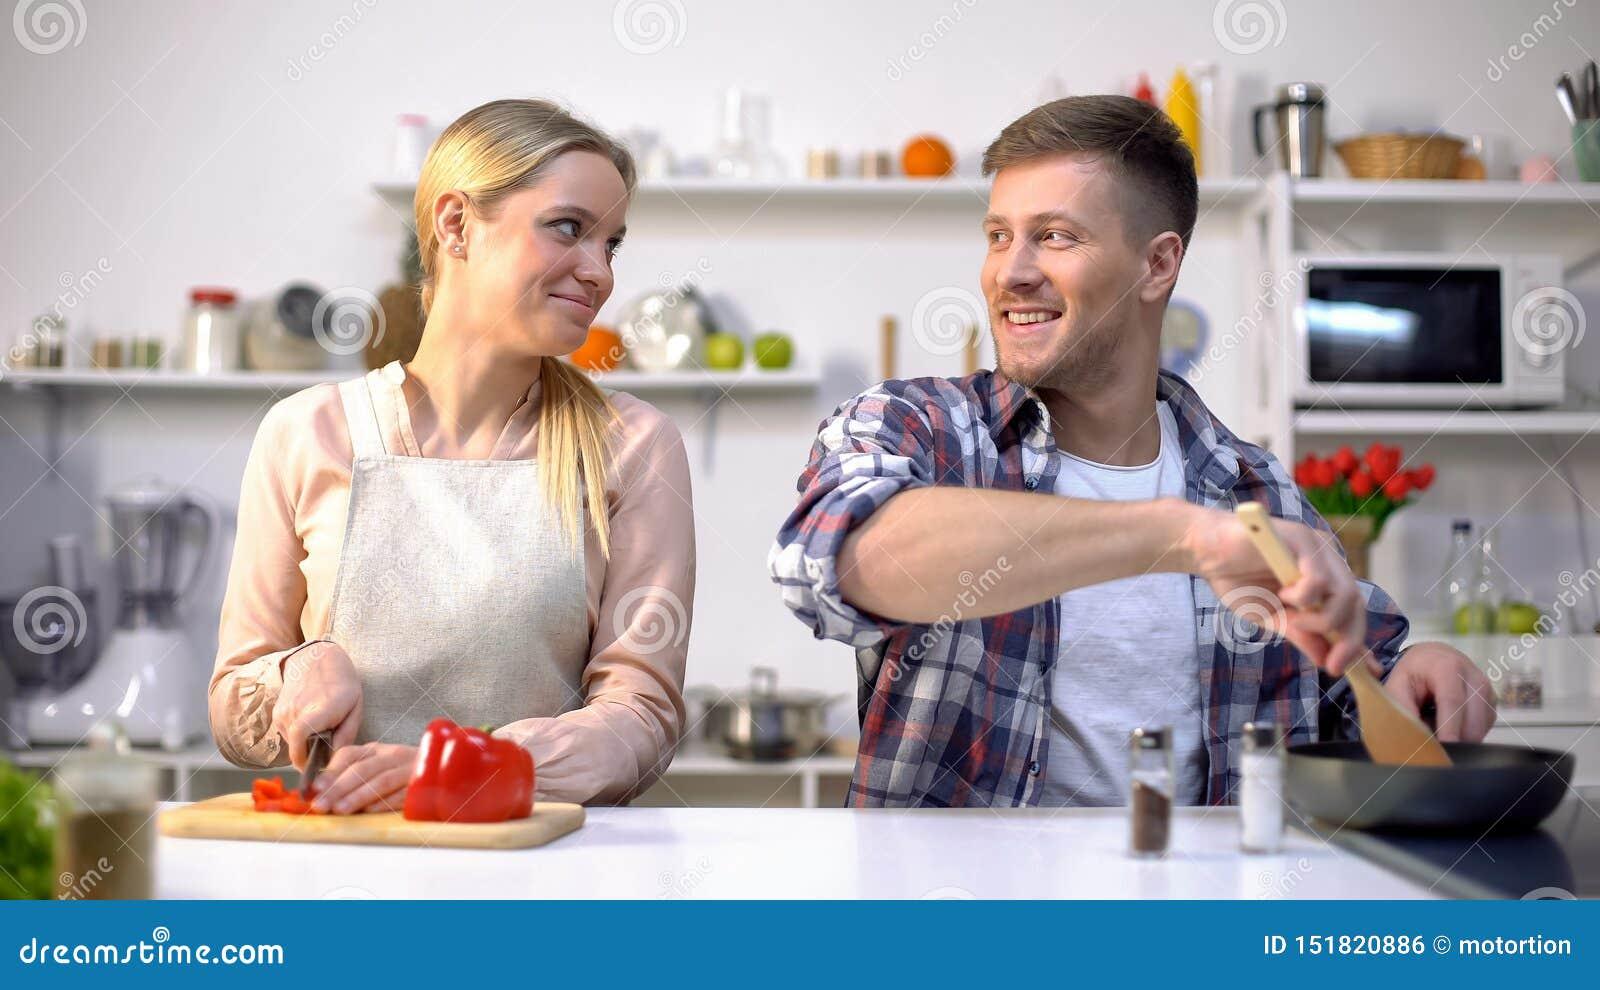 一起烹调菜,健康营养,幸福时光的年轻素食主义者夫妇